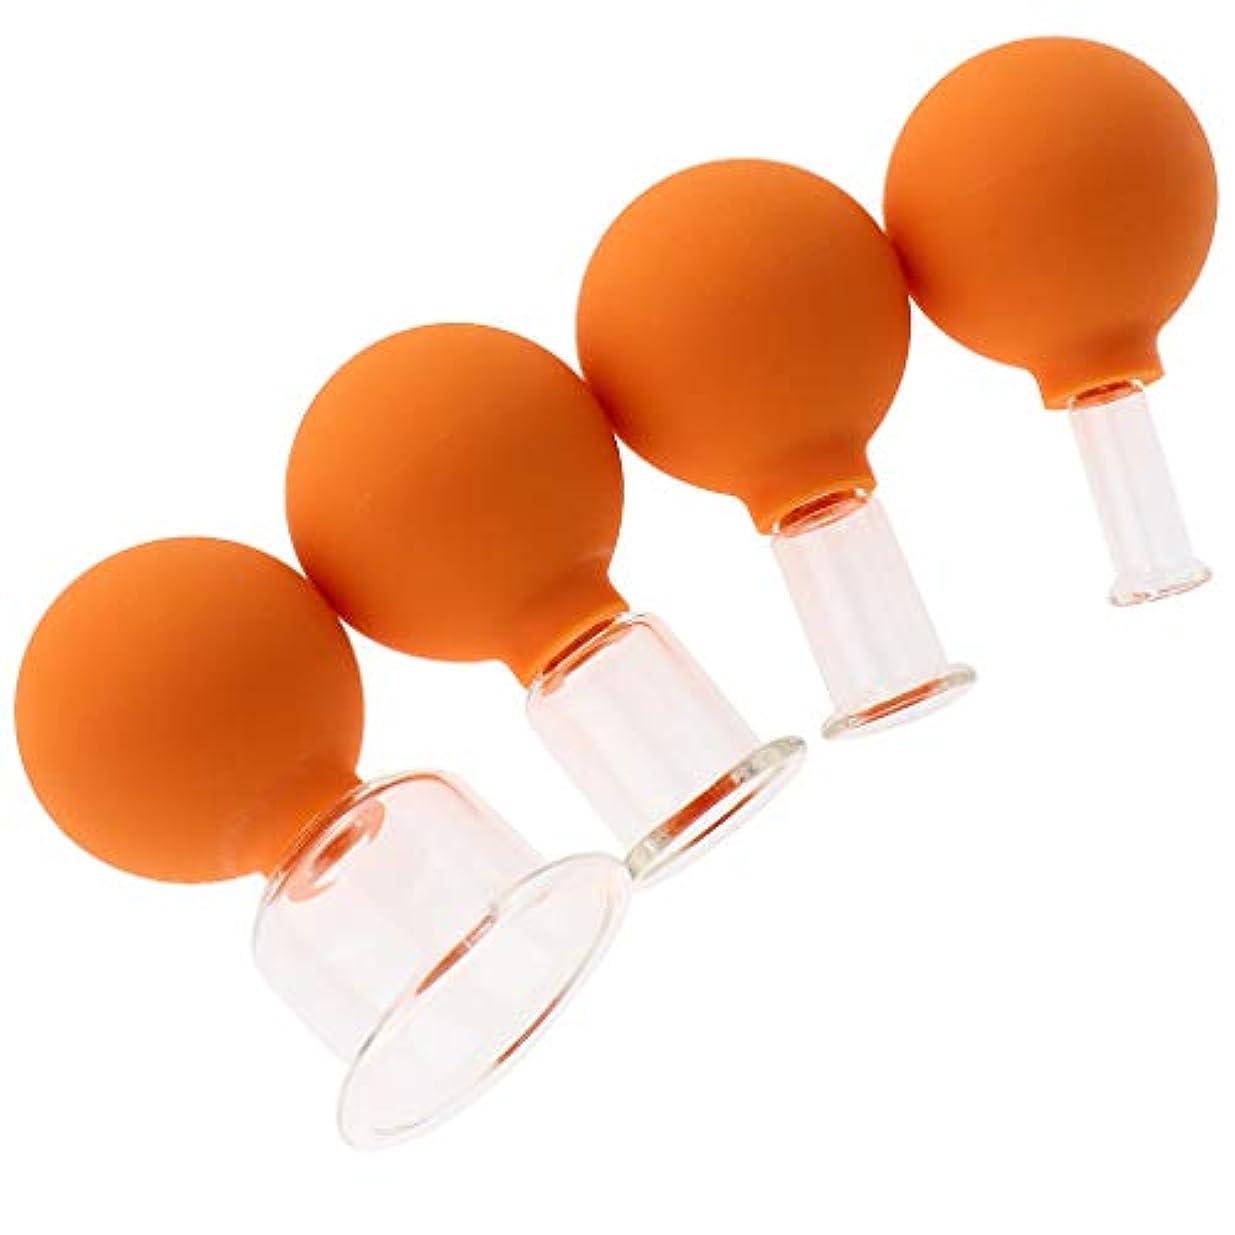 アピール犯人環境KESOTO 4個 マッサージ吸い玉 カッピングカップ ガラスカッピング 真空 男女兼用 実用的 全3色 - オレンジ